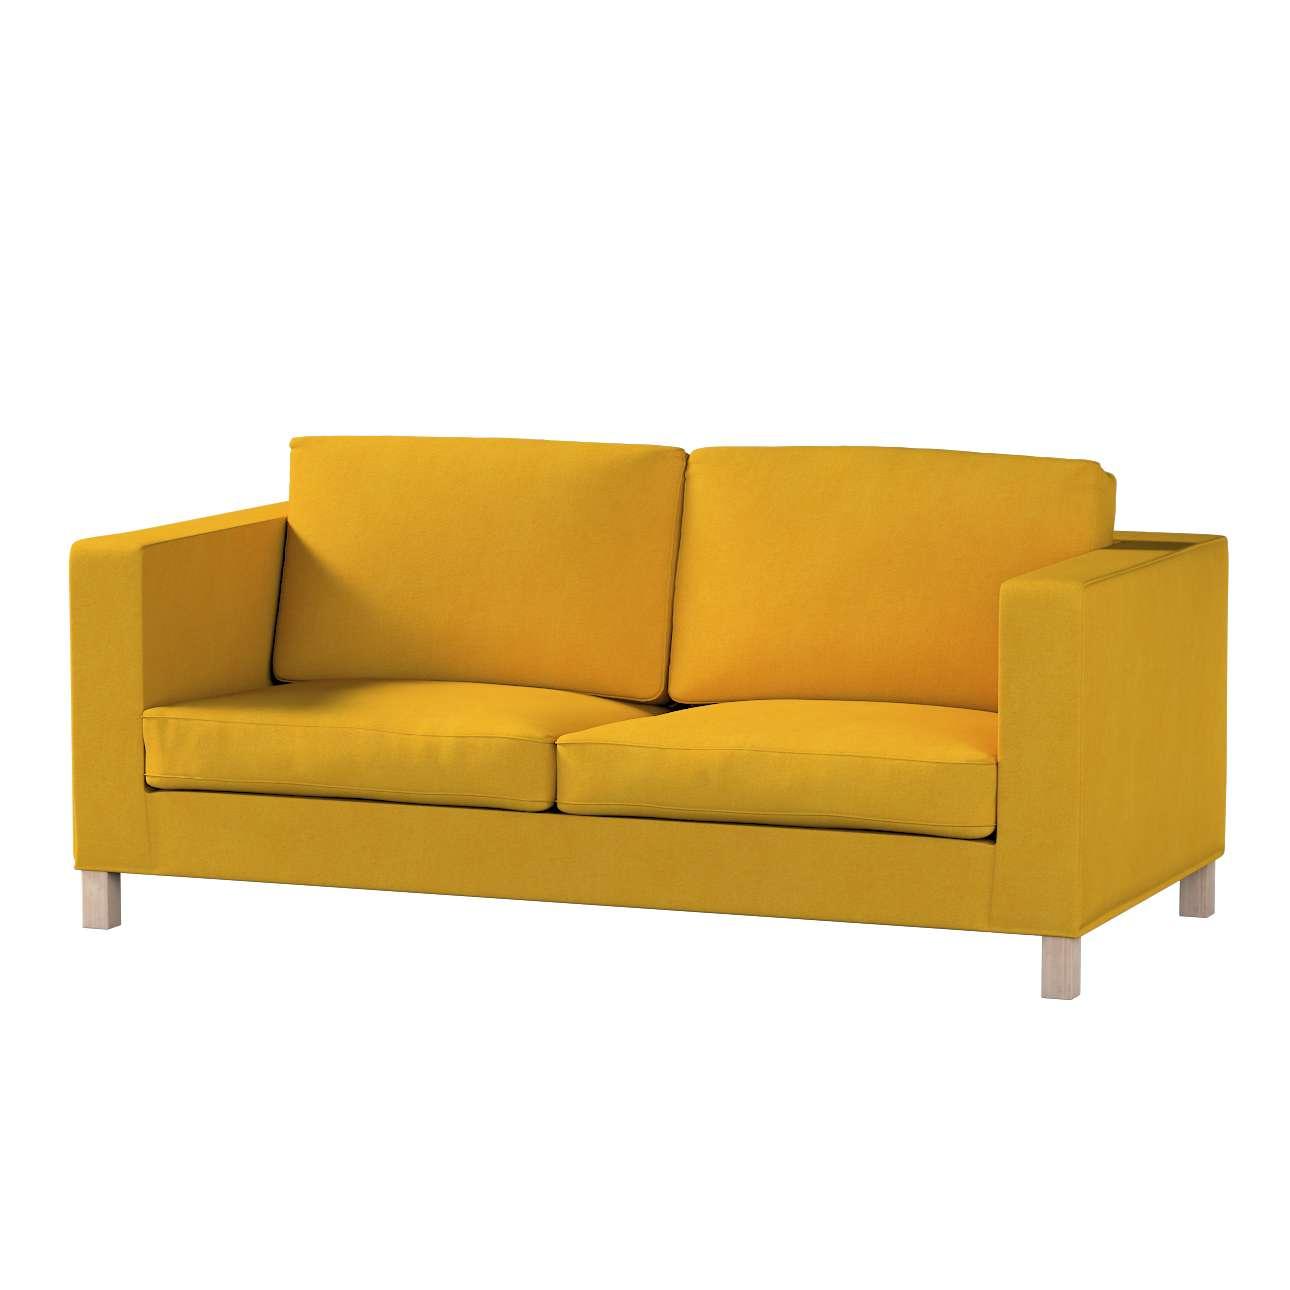 Pokrowiec na sofę Karlanda rozkładaną, krótki Sofa Karlanda rozkładana w kolekcji Etna , tkanina: 705-04